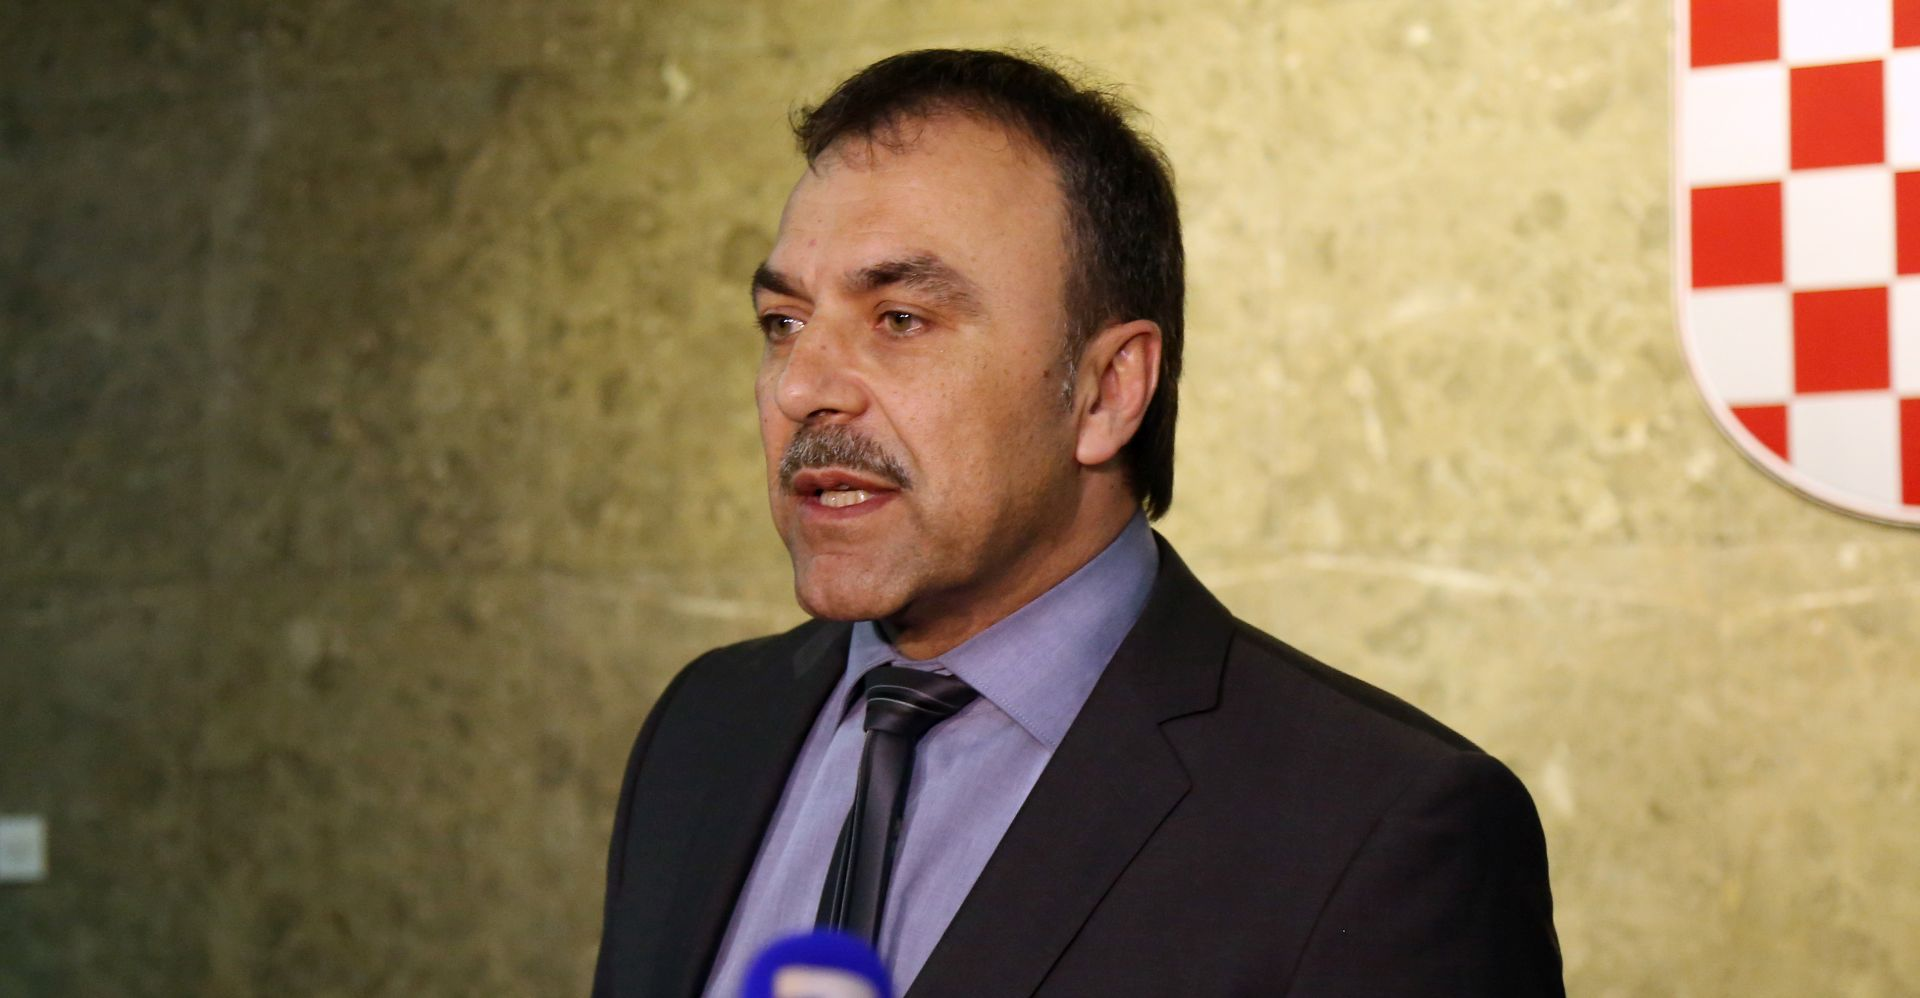 """Carinski sindikat poziva ministra Orepića da ih podrži u """"borbi"""" za izjednačavanje prava s policajcima"""